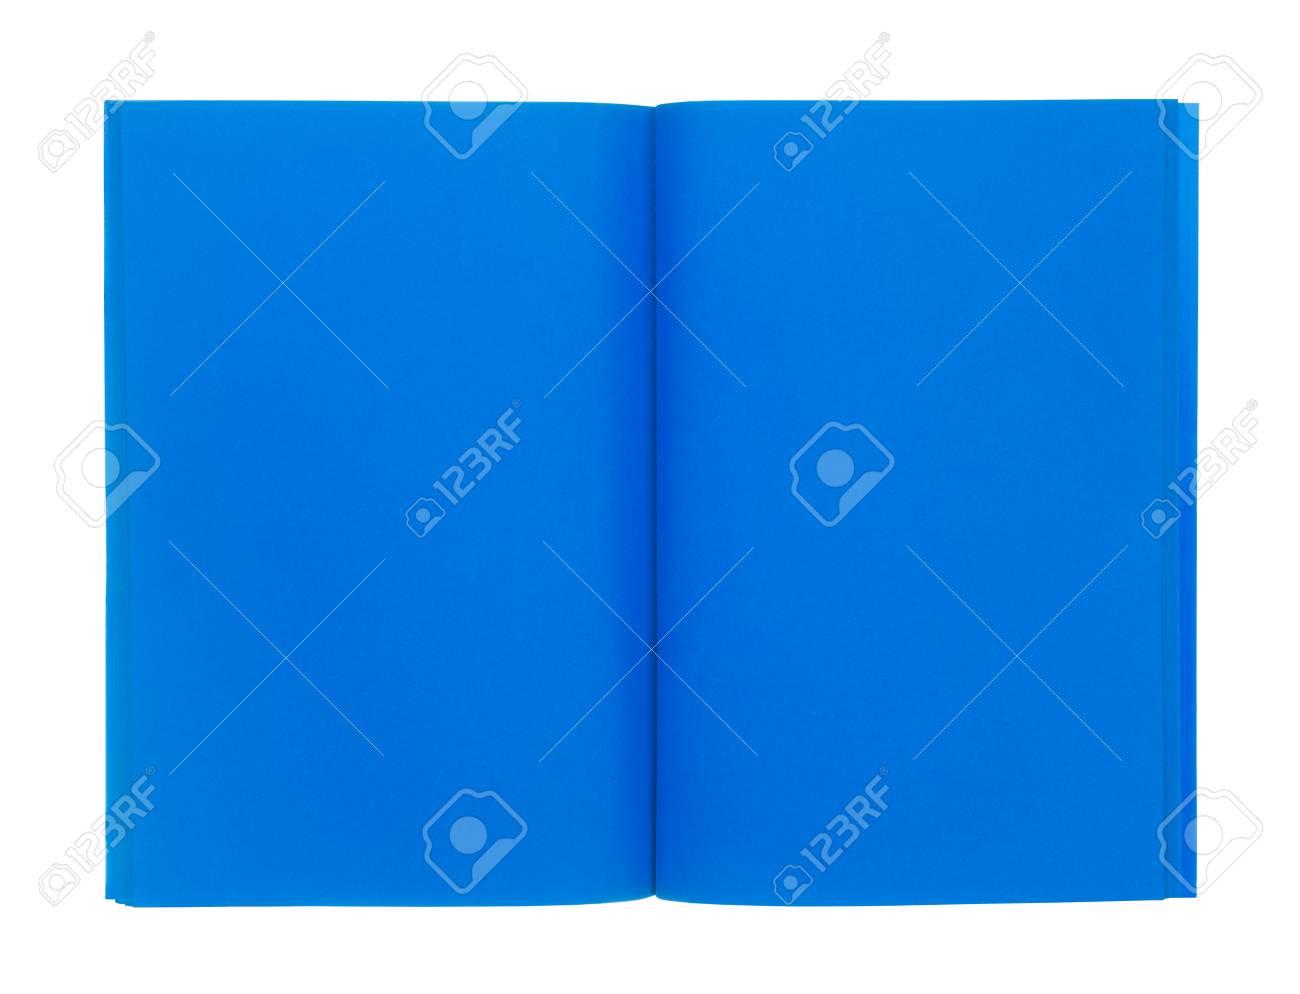 Livre Bleu Ouvert Isole Sur Fond Blanc